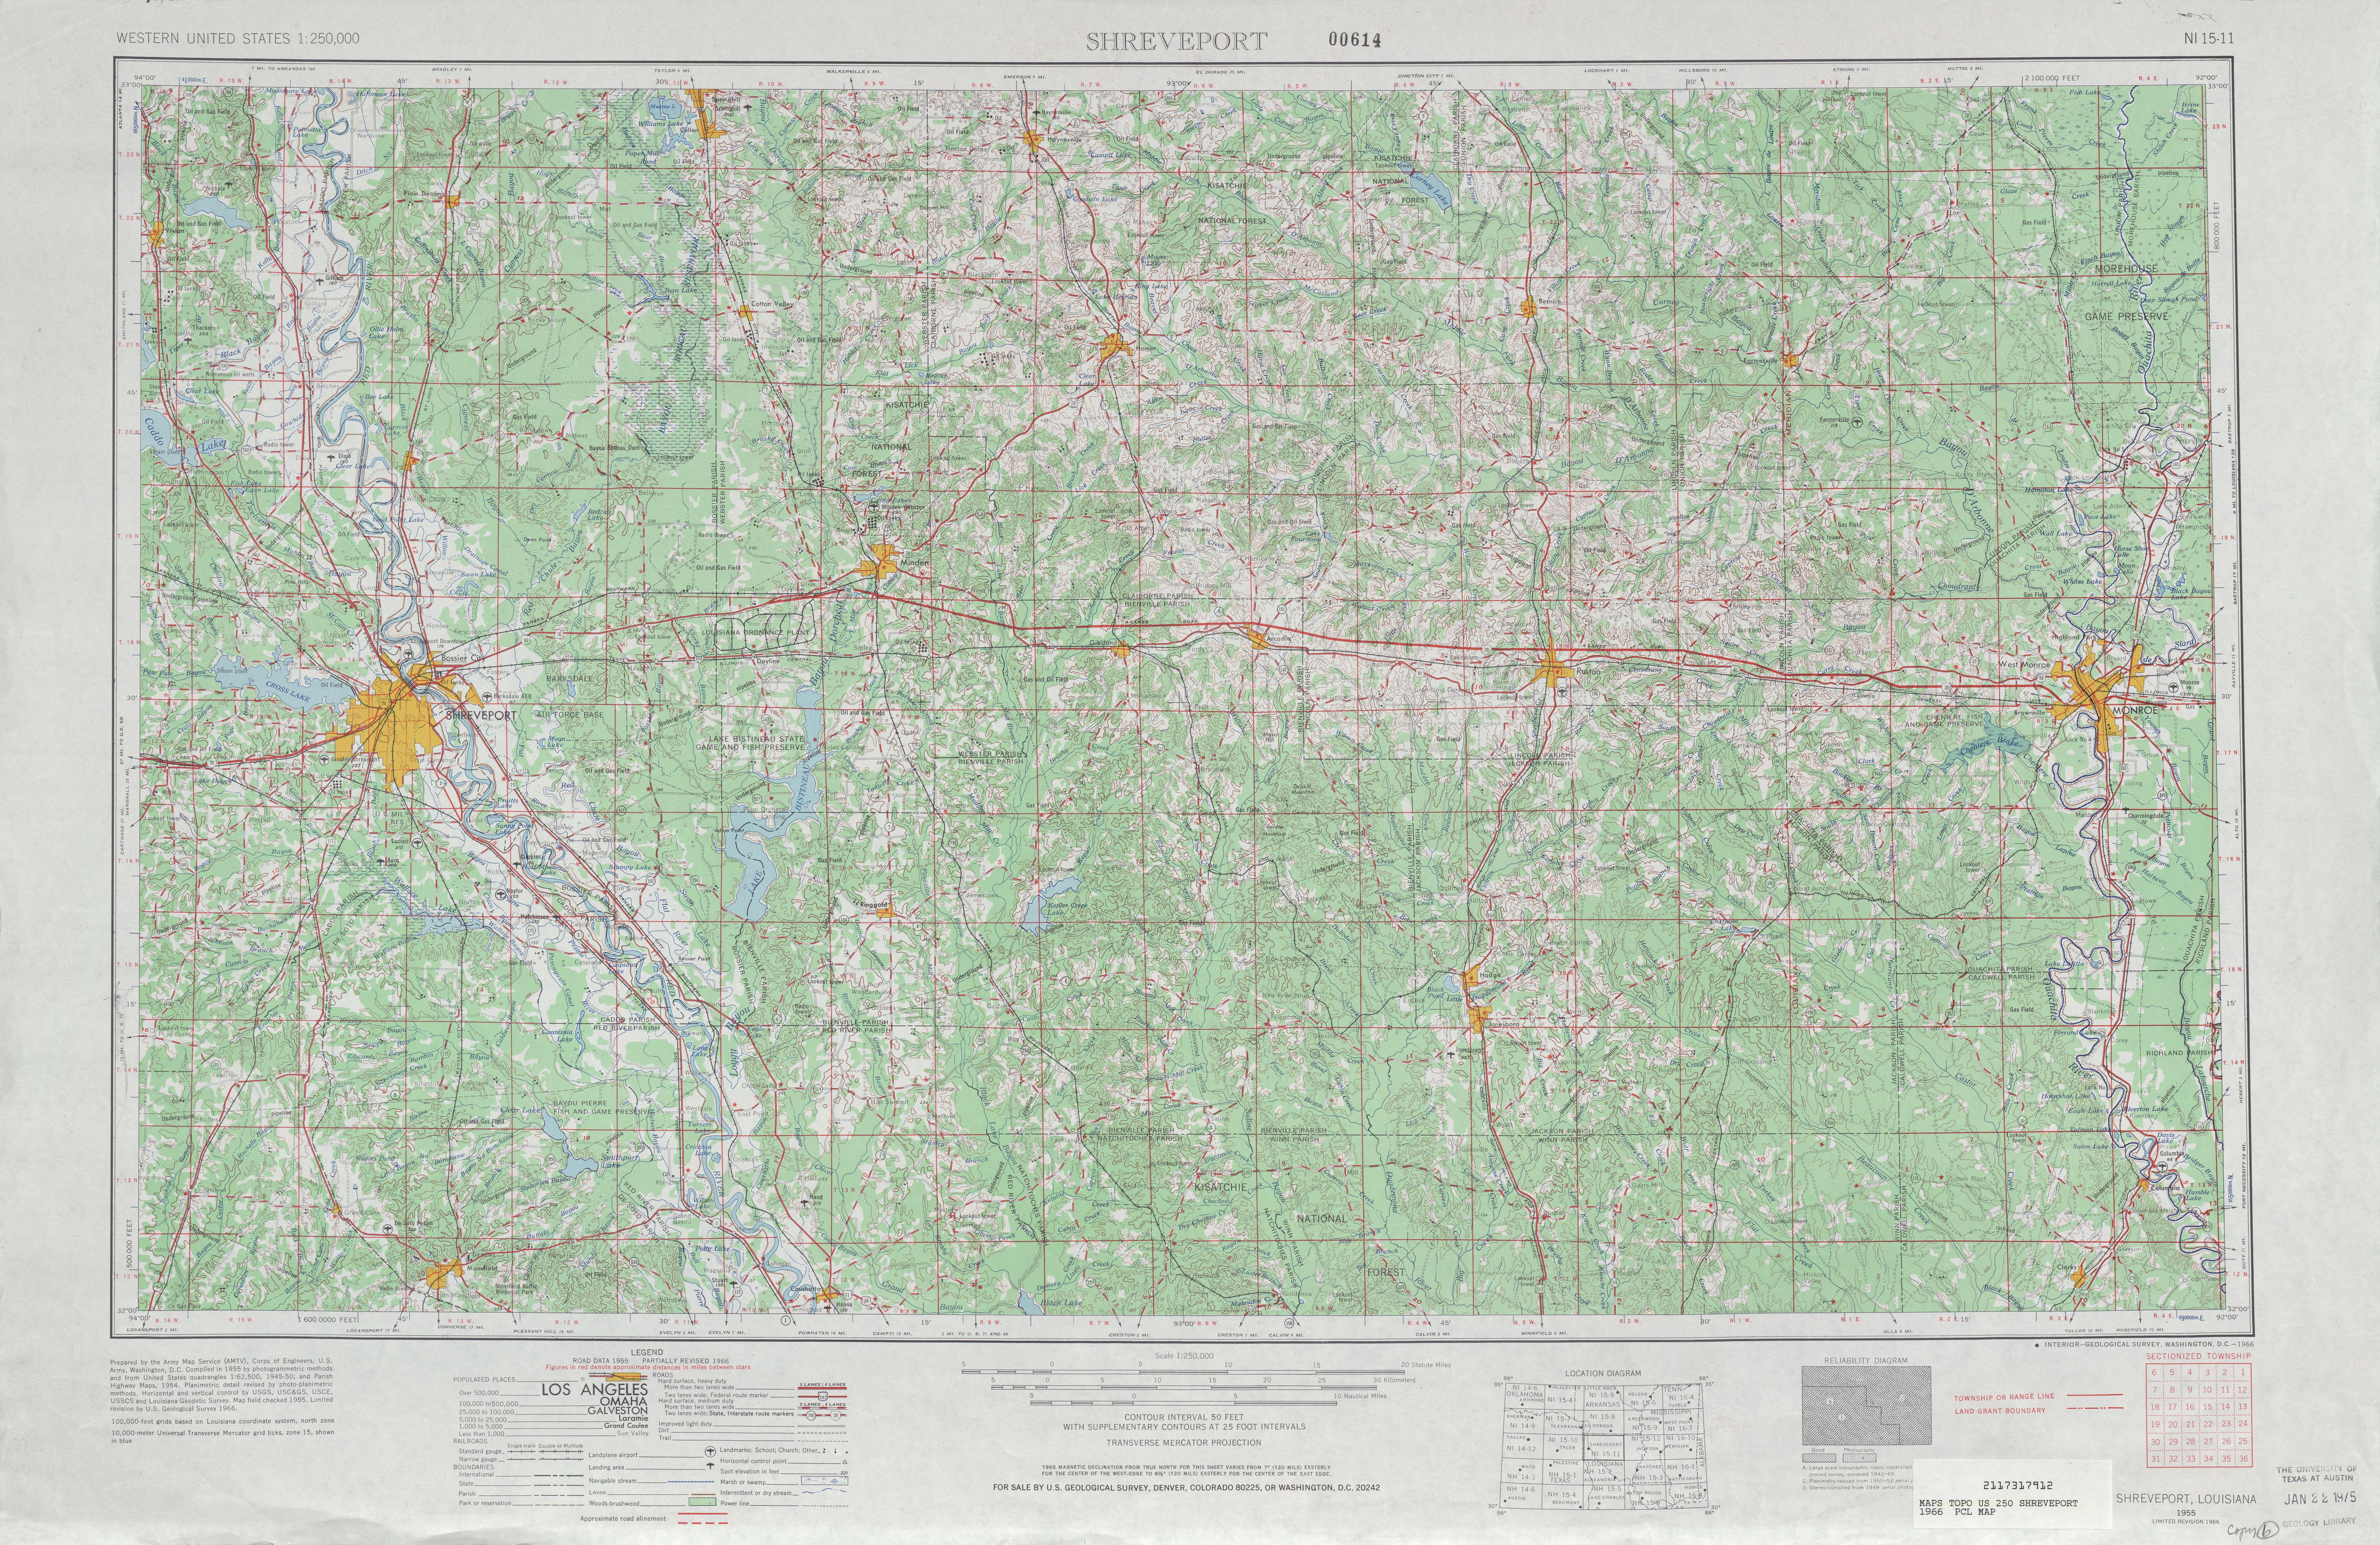 Shreveport Topographic Map Sheet, United States 1966